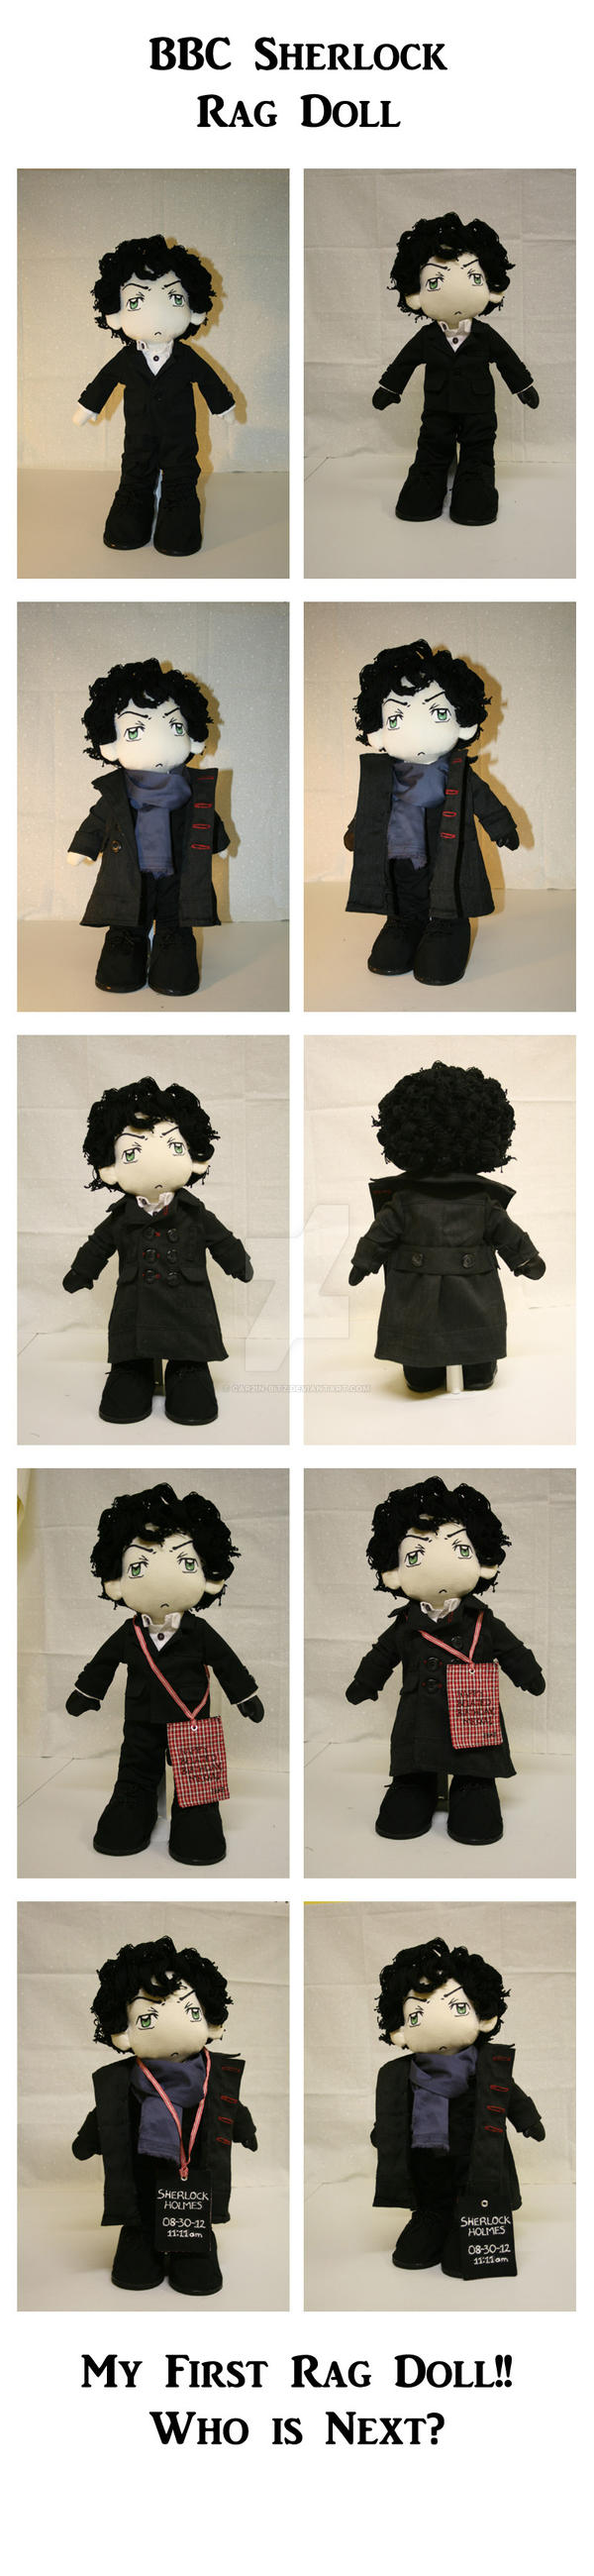 BBC Sherlock--Rag Doll by car2in-bitz